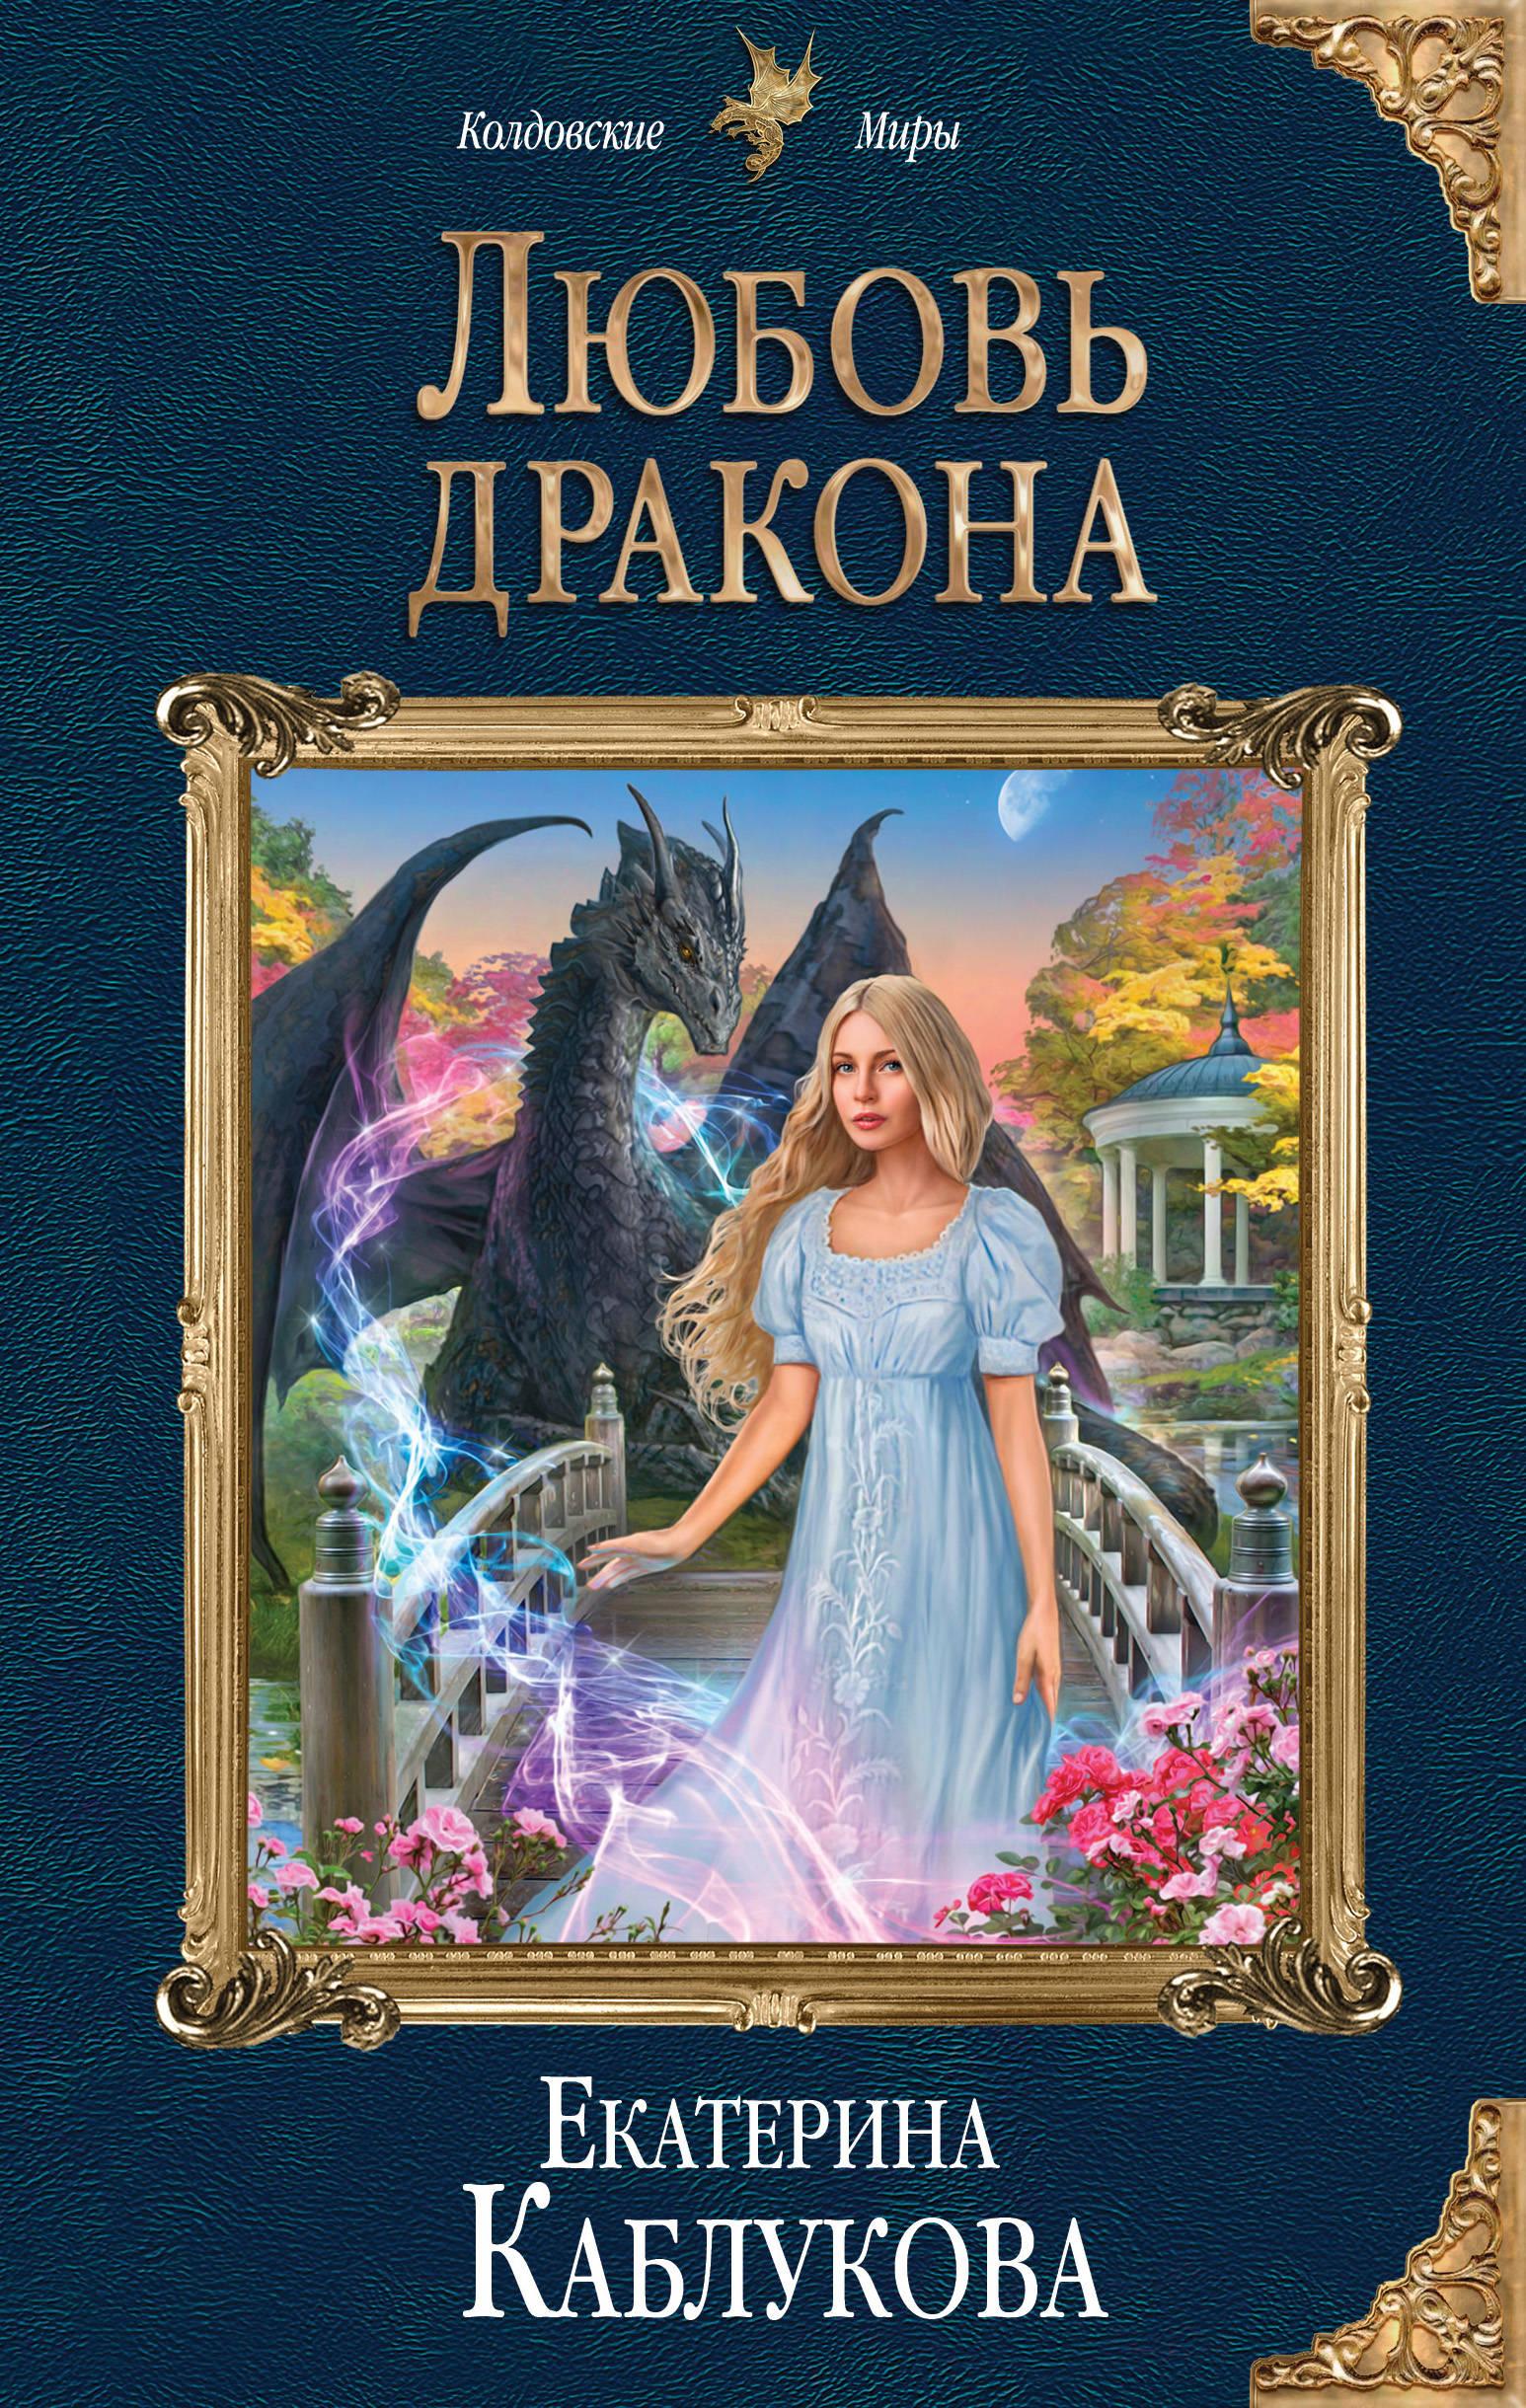 Екатерина Каблукова «Любовь дракона»